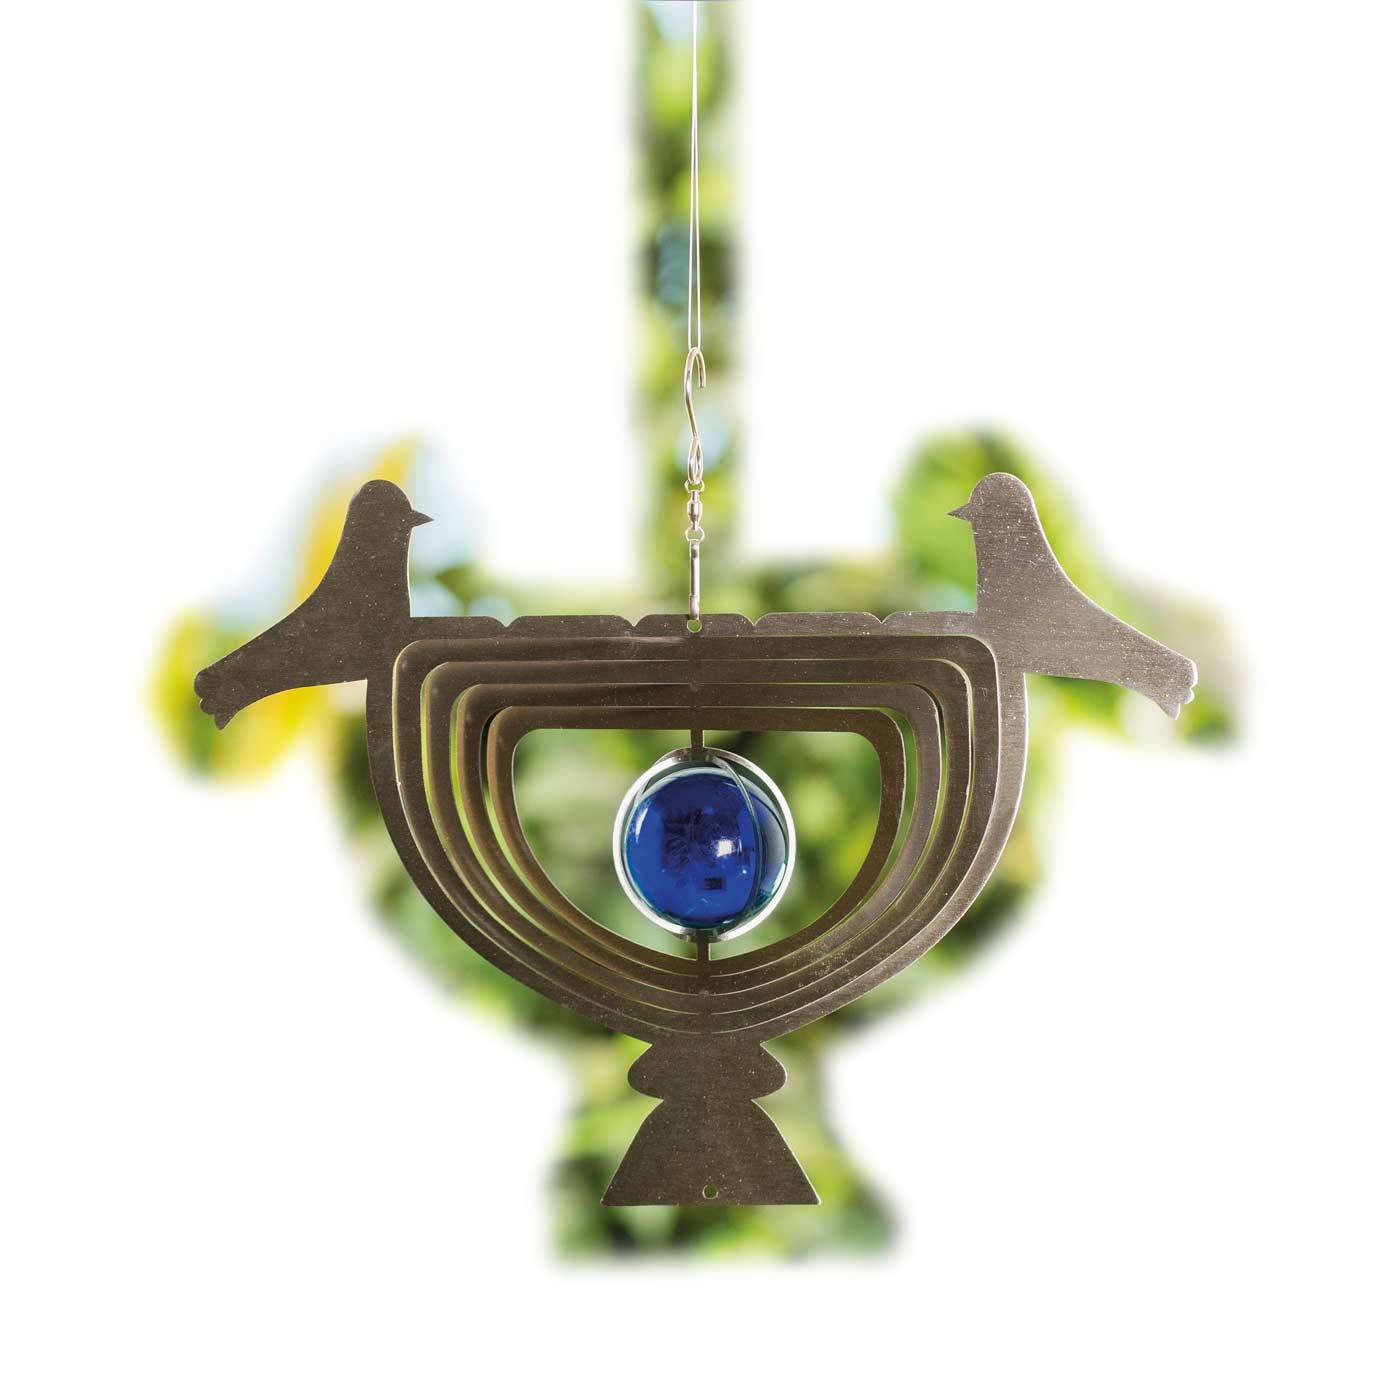 3D Windspiel HE26, Gartendeko Fensterdeko Dekohänger, Edelstahl ...